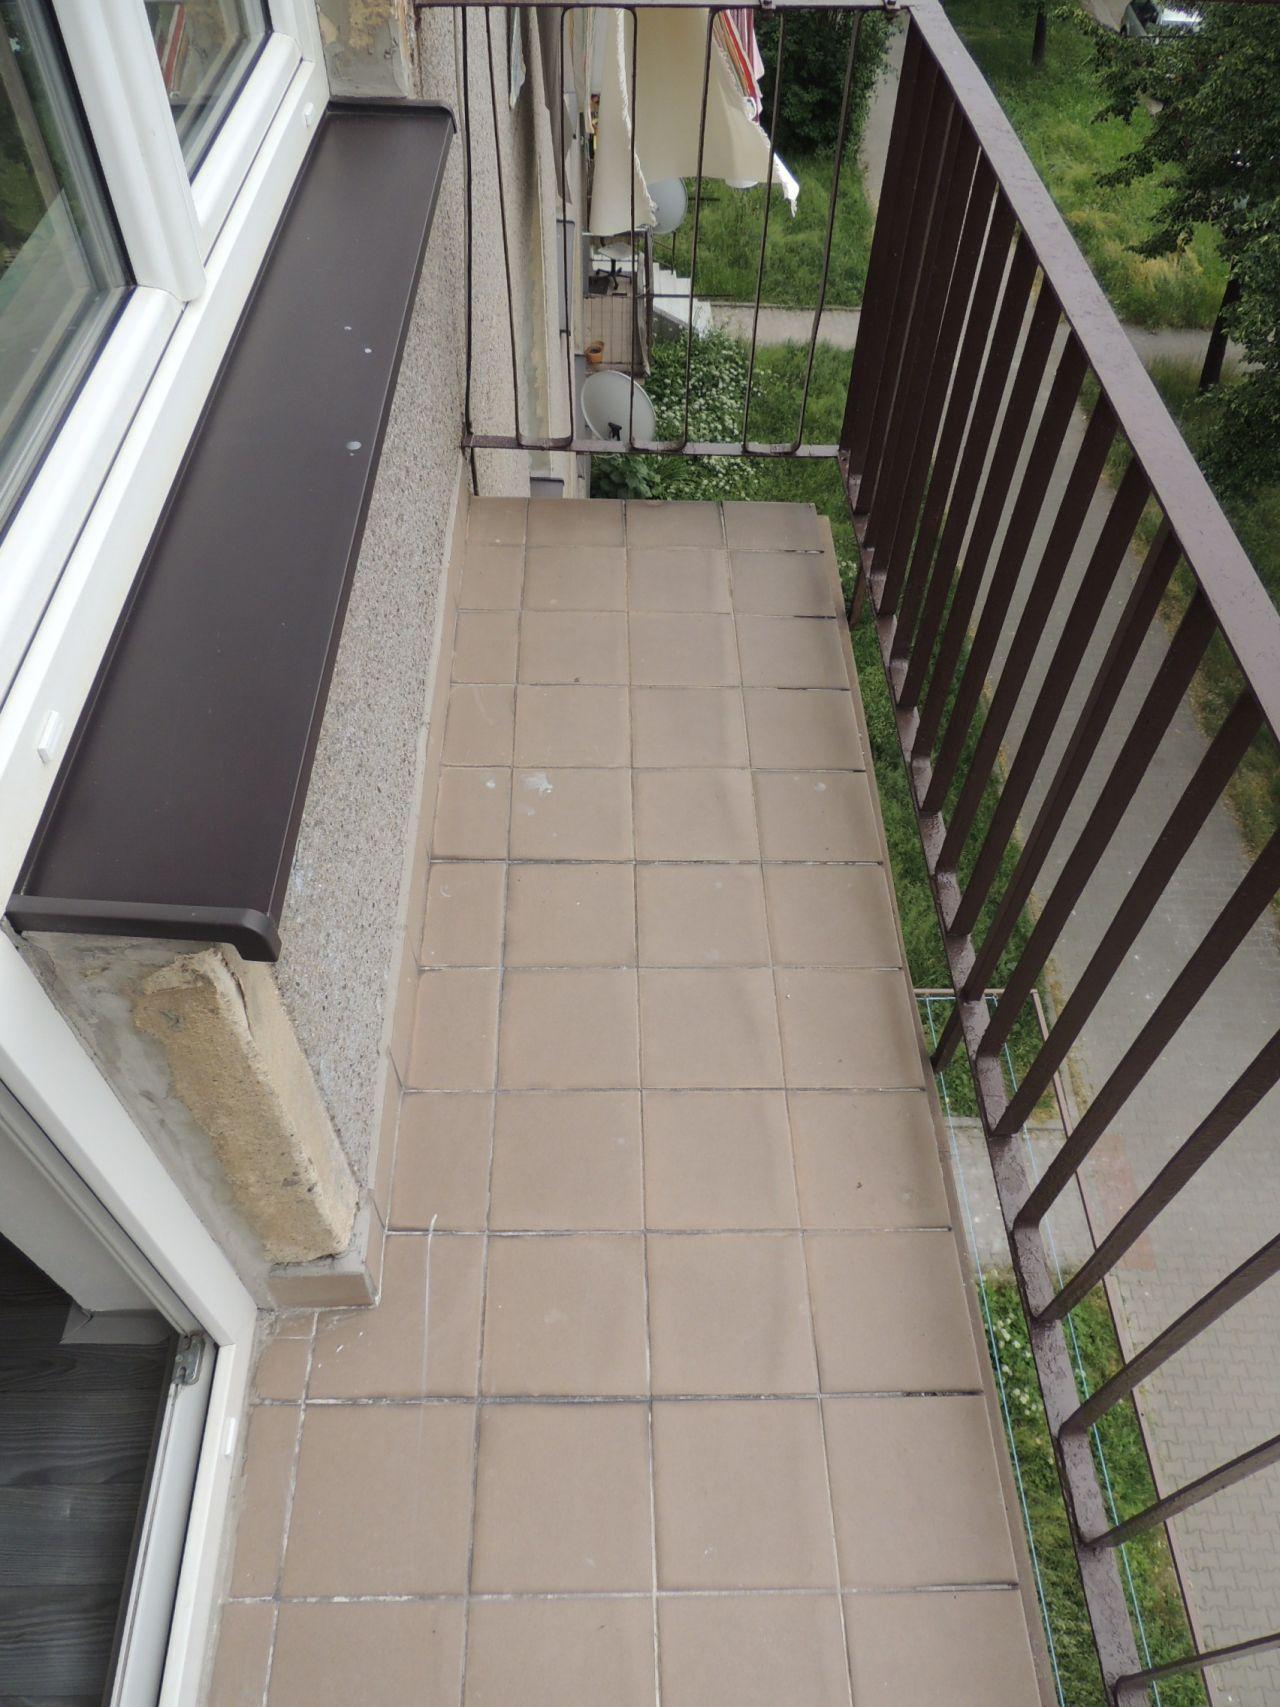 Pronájem bytu 2+1 53 m2, ul. Mitušova 1061/45, Ostrava - Hrabůvka